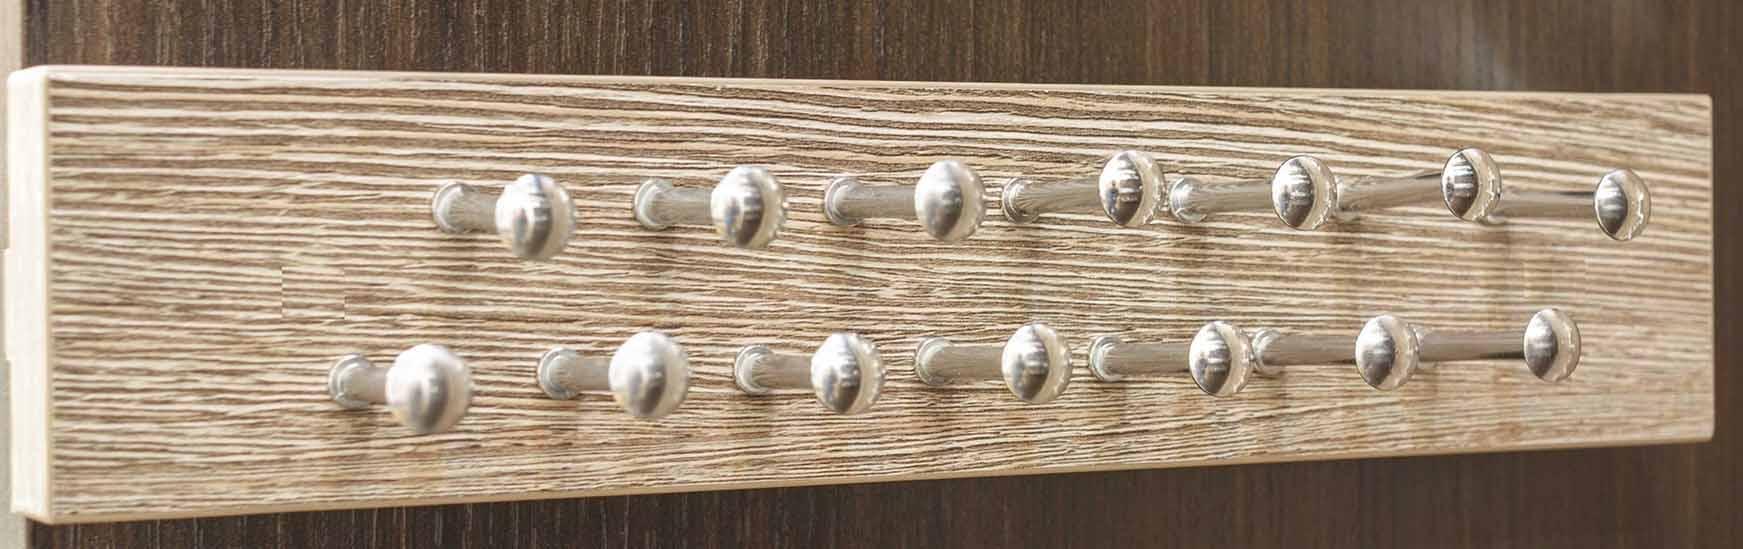 Custom In House Tie Rack